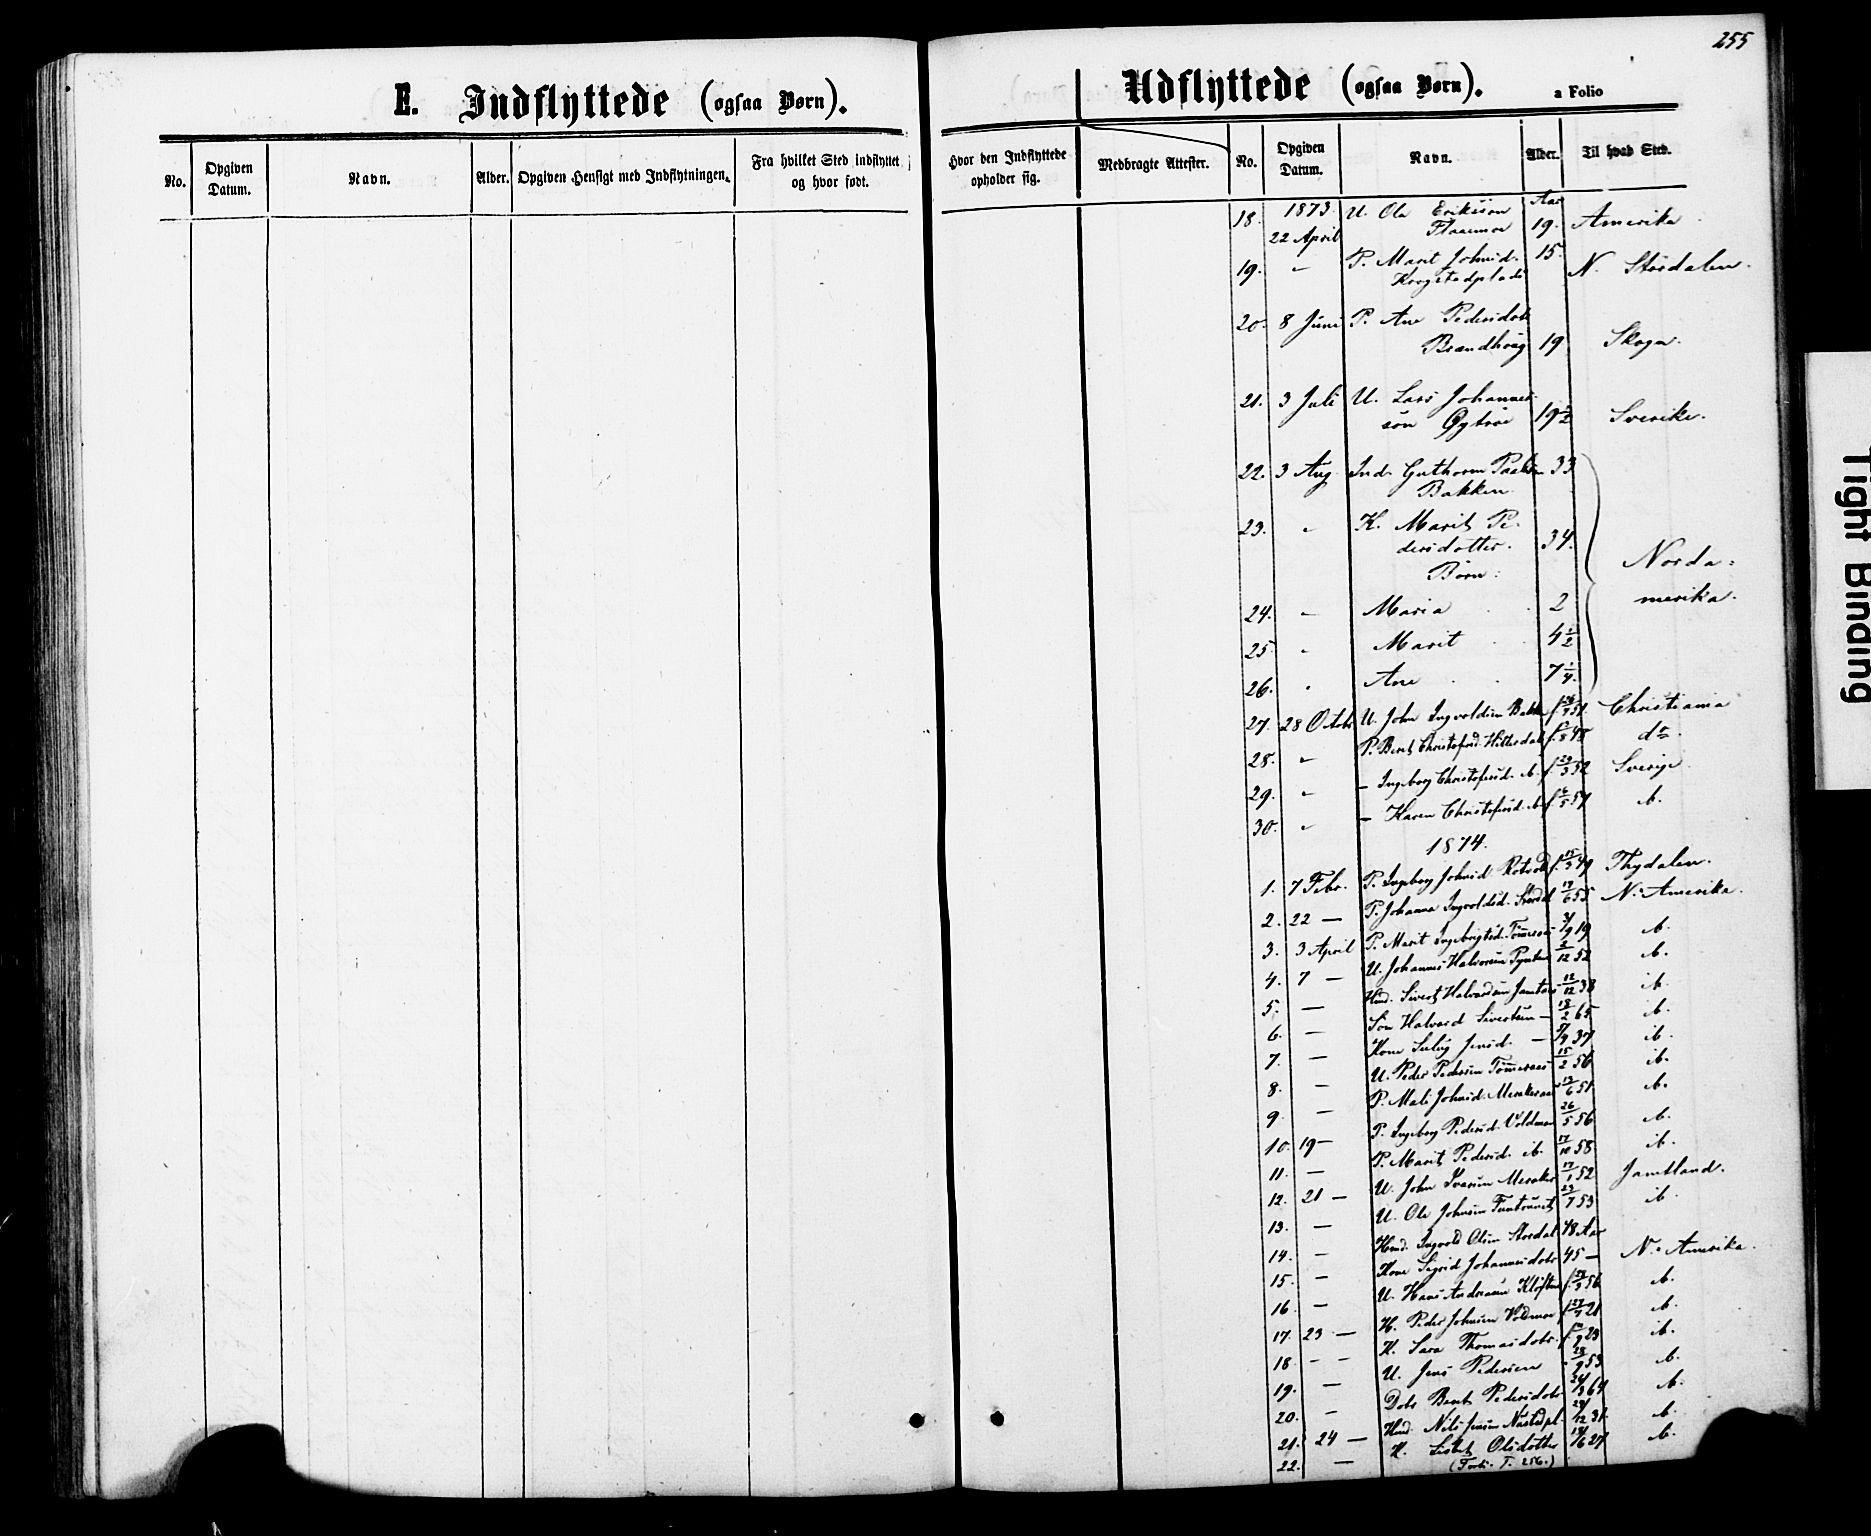 SAT, Ministerialprotokoller, klokkerbøker og fødselsregistre - Nord-Trøndelag, 706/L0049: Parish register (copy) no. 706C01, 1864-1895, p. 255